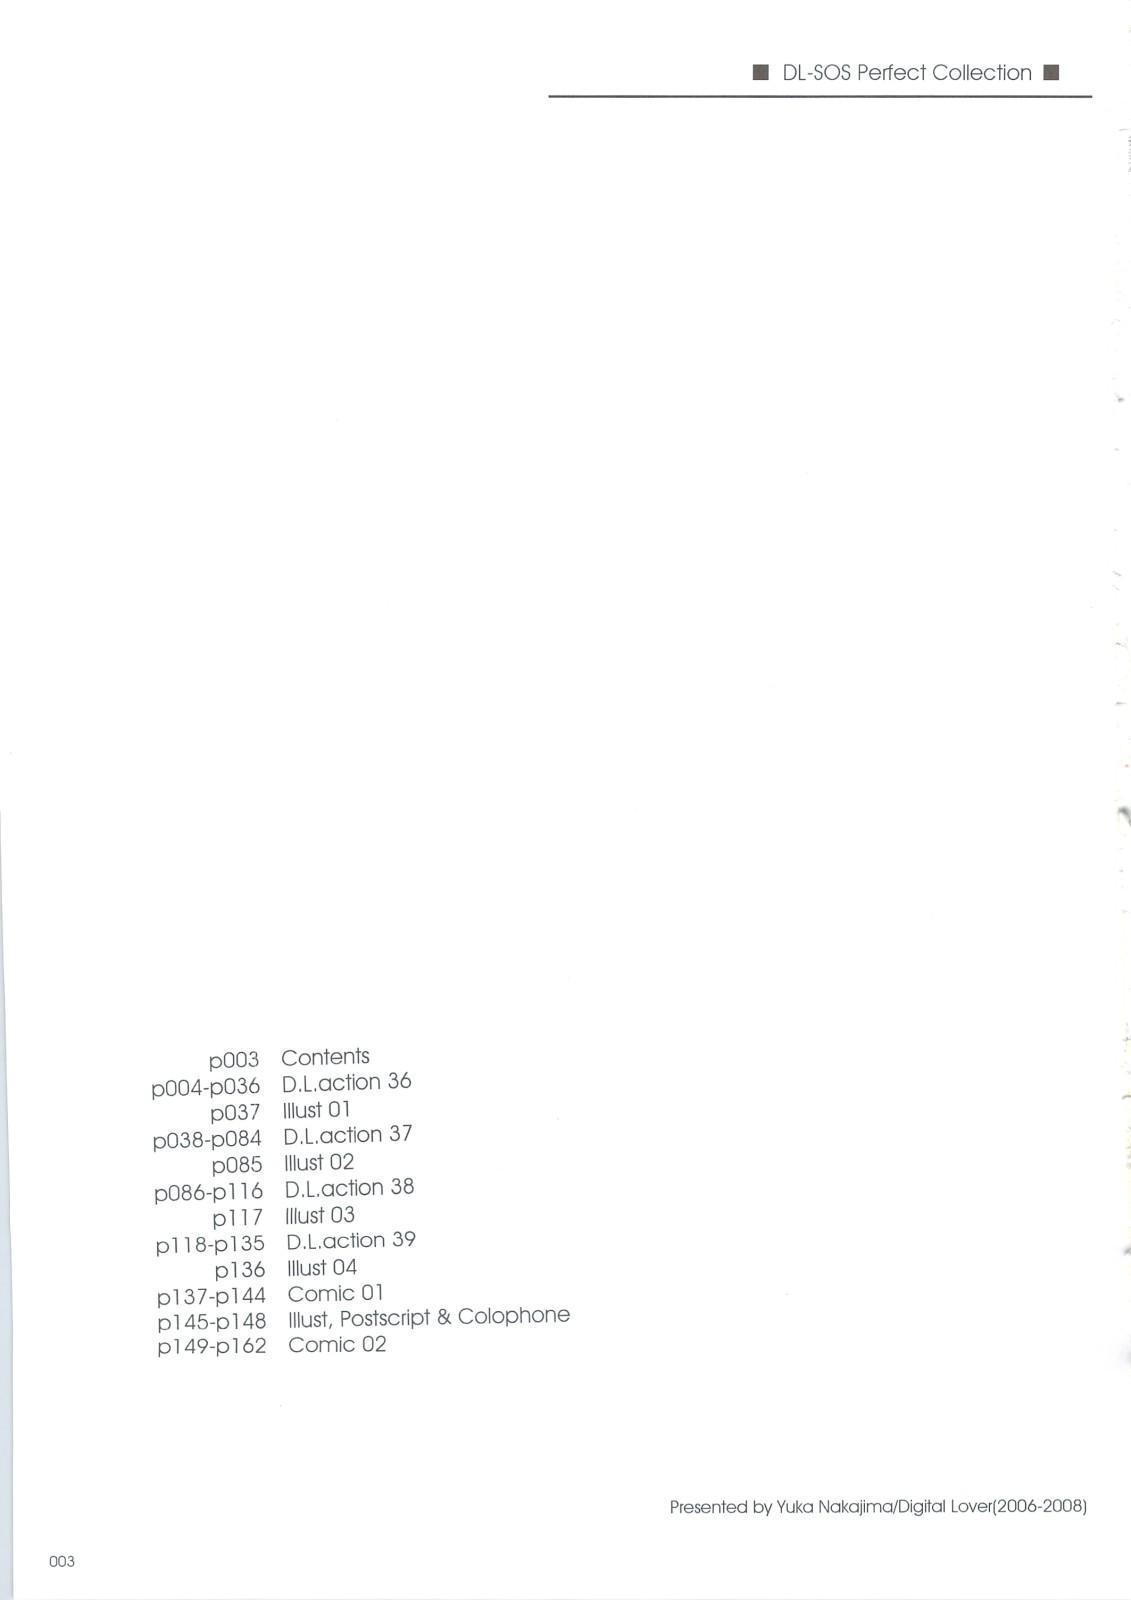 DL-SOS soushuuhen 1